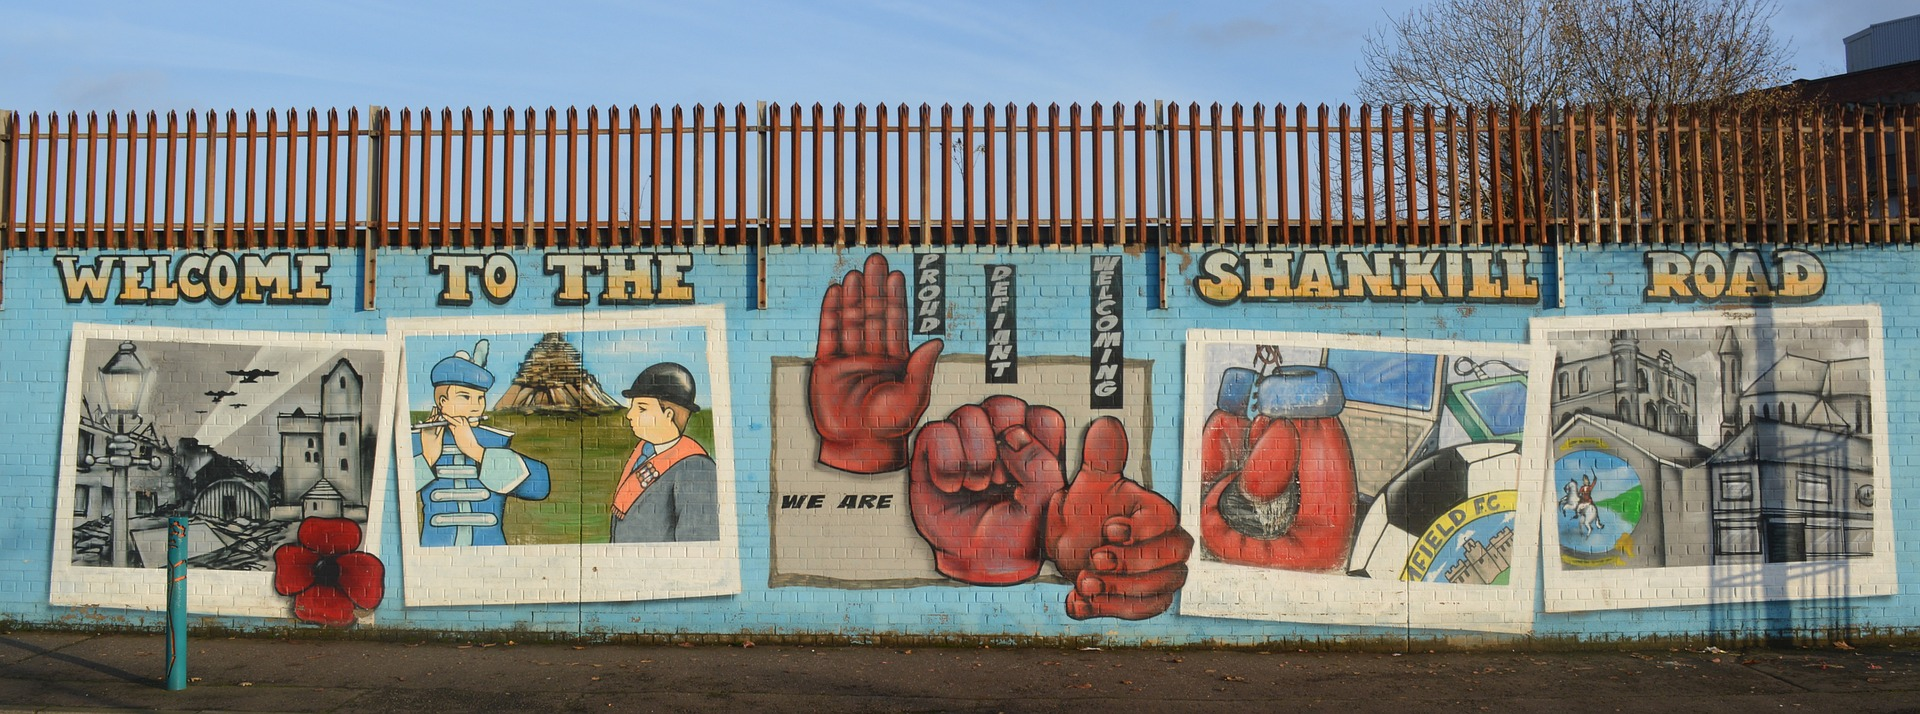 mural-539826_1920